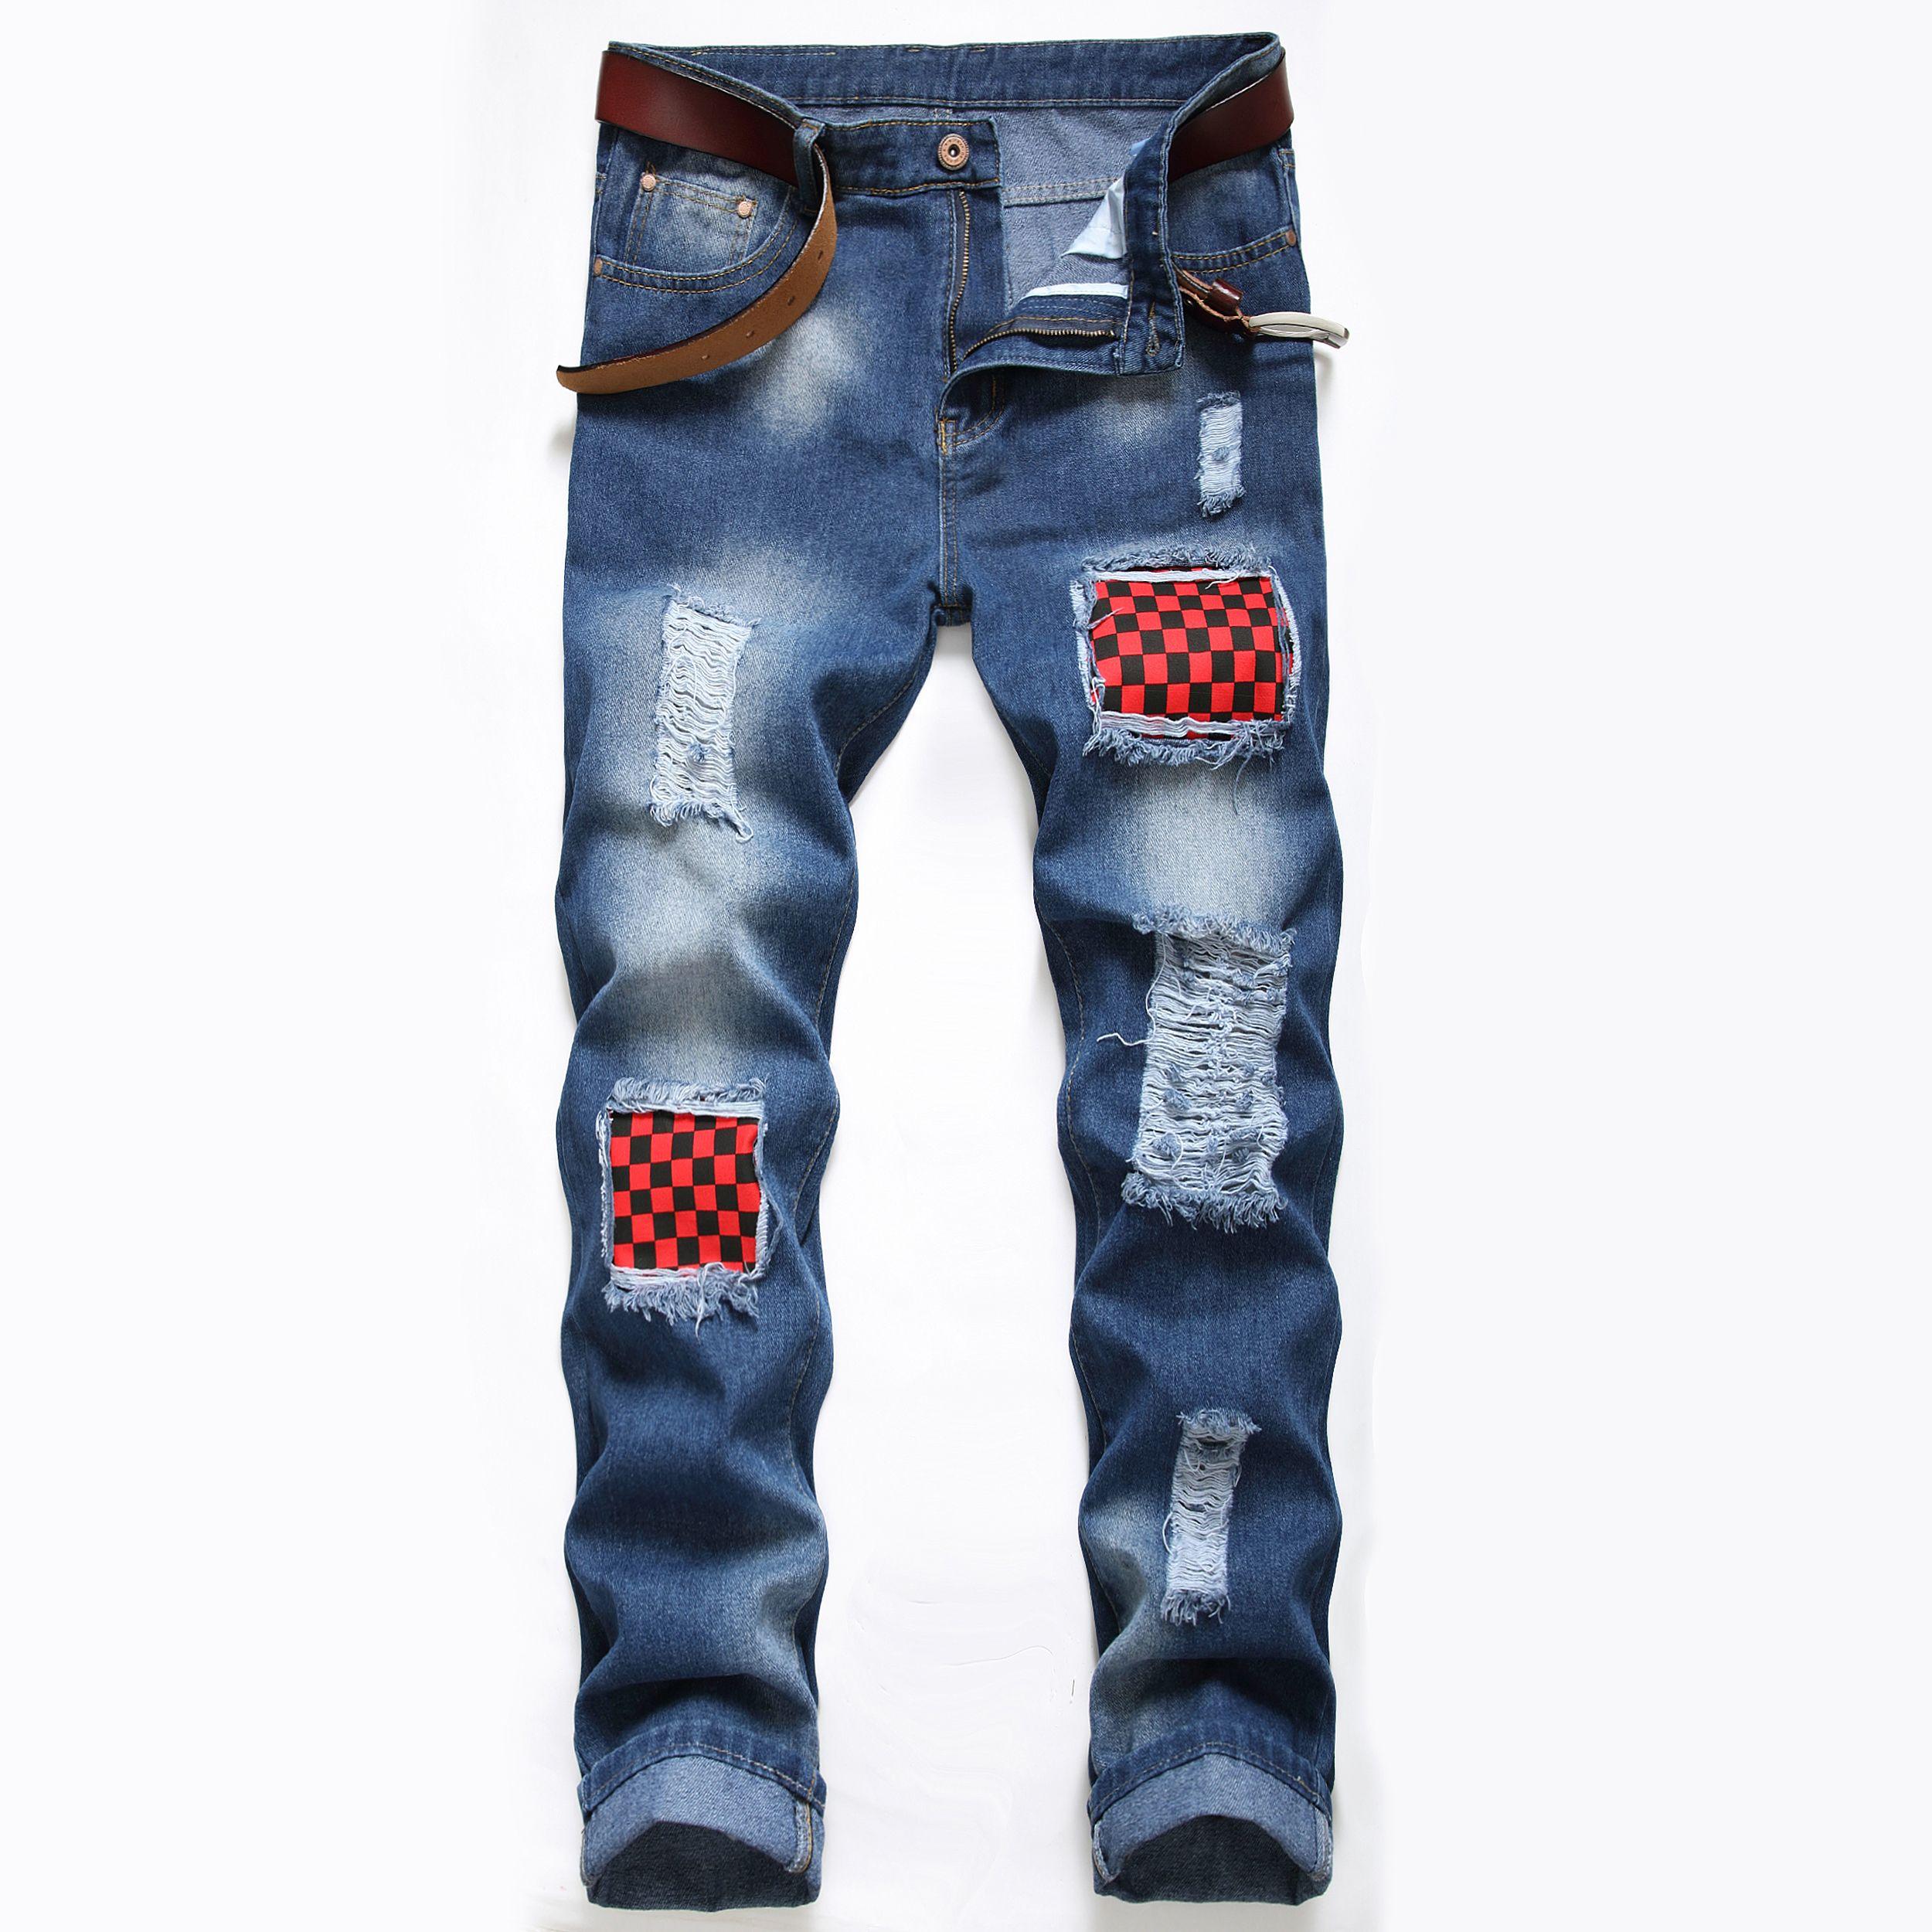 Al por mayor-Hombres flacos rasgados recta elástico delgado Denim Fit motorista Los pantalones vaqueros de los pantalones largos rectas con estilo adelgazan los pantalones vaqueros